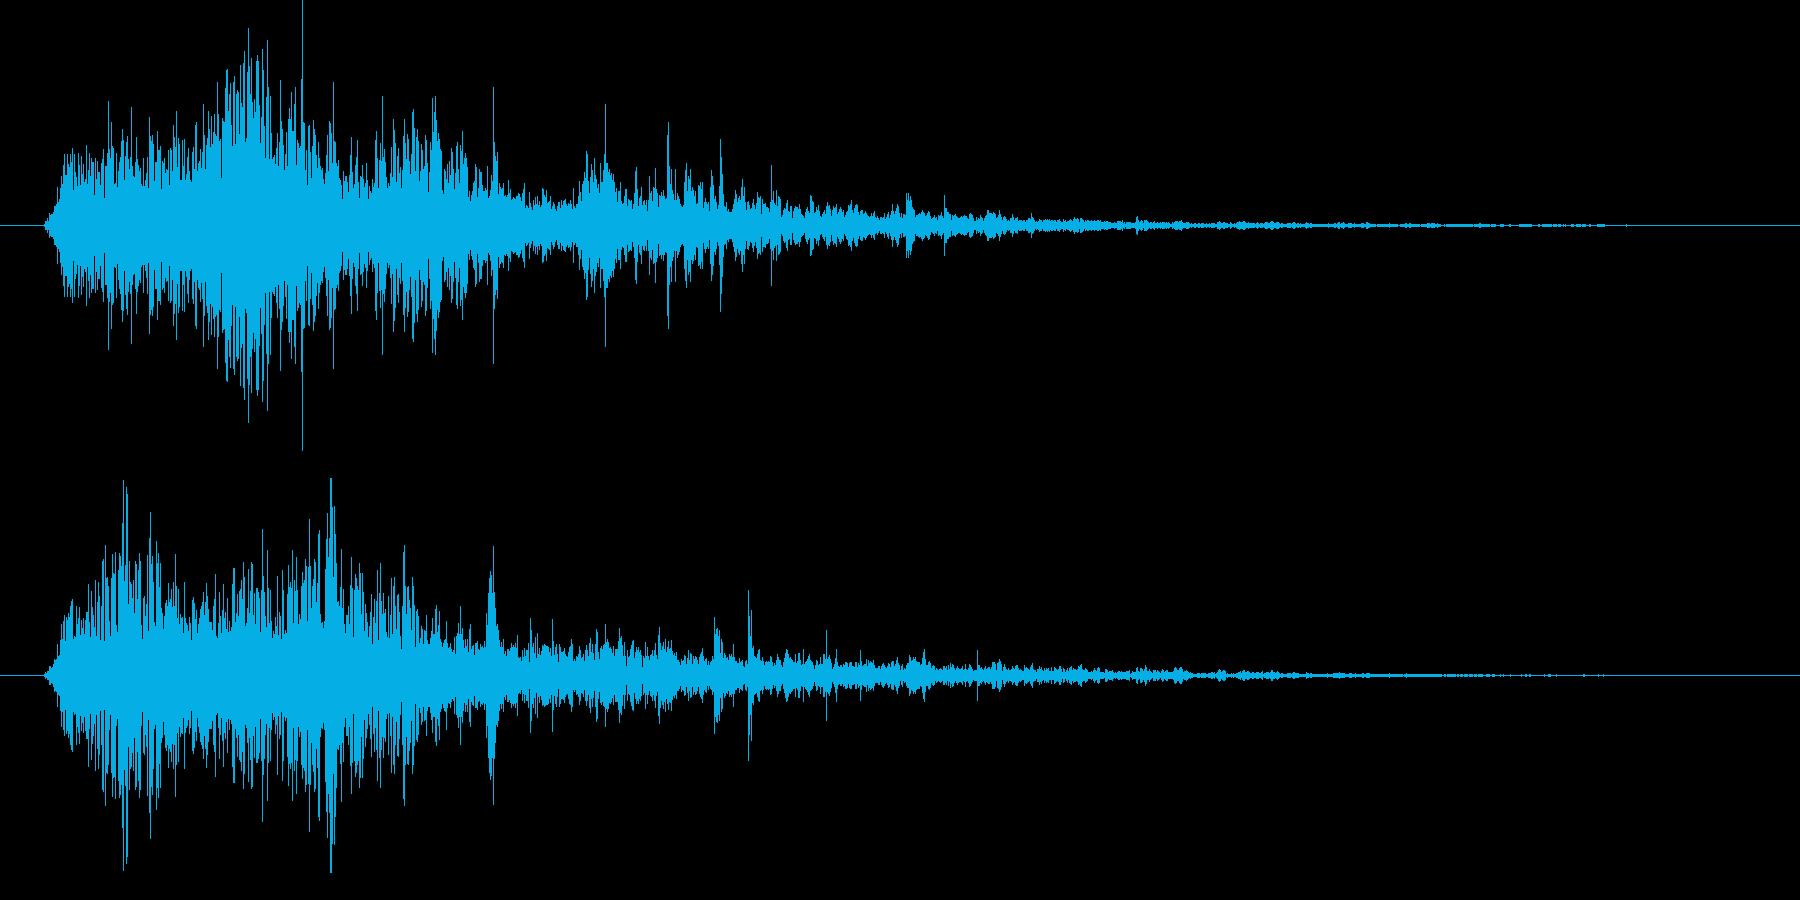 燃え盛る炎・火炎系の魔法(低レベル)sの再生済みの波形